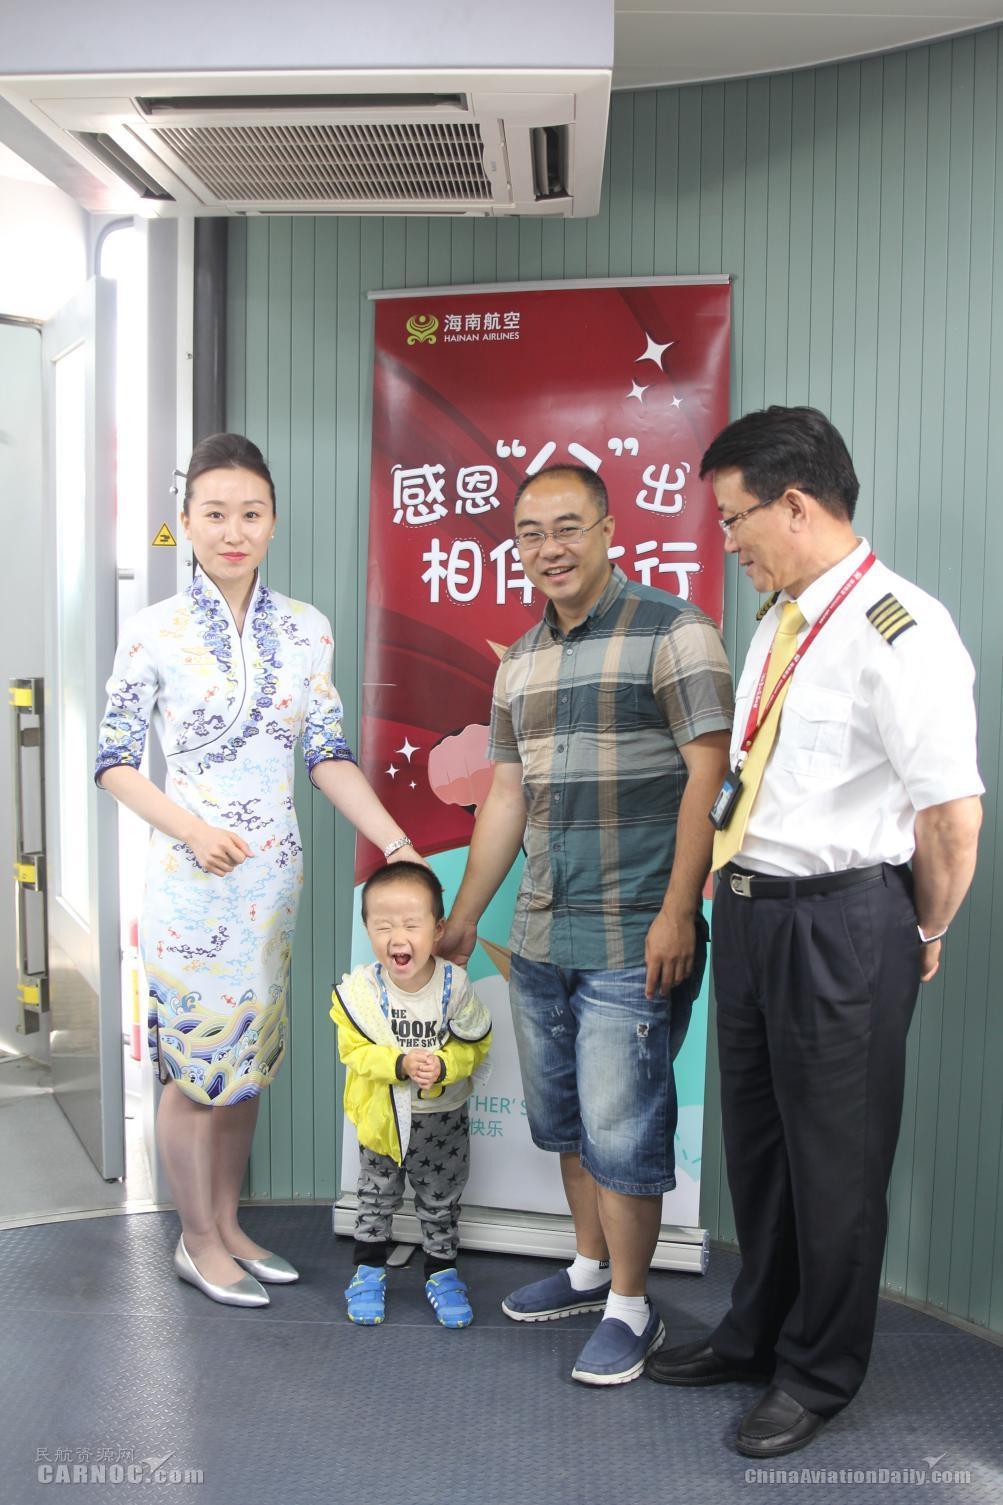 空中家书诉真情 海航举办父亲节主题航班活动